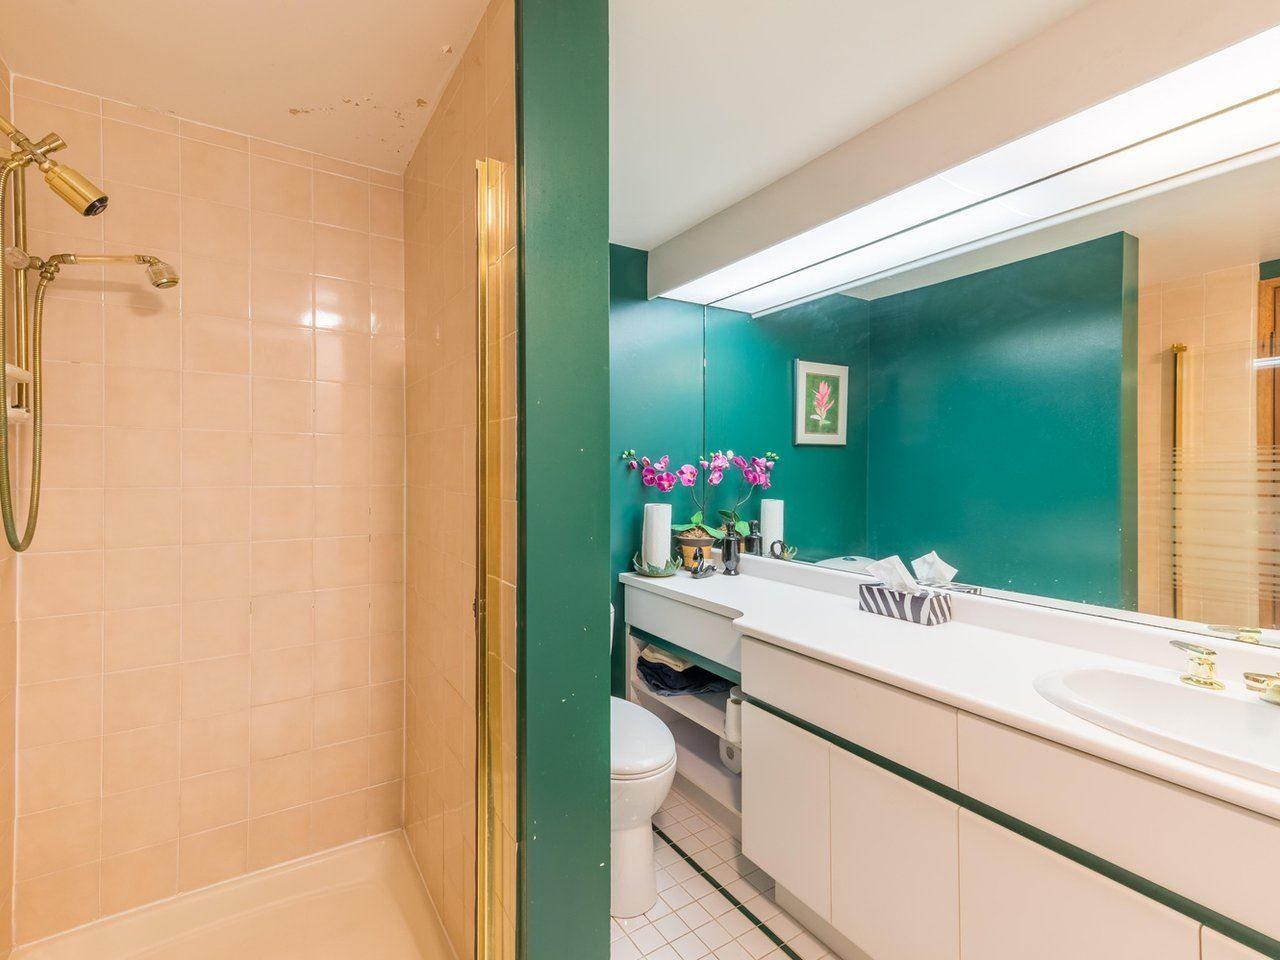 Photo 33: Photos: 808 REGAN Avenue in Coquitlam: Coquitlam West House for sale : MLS®# R2563486